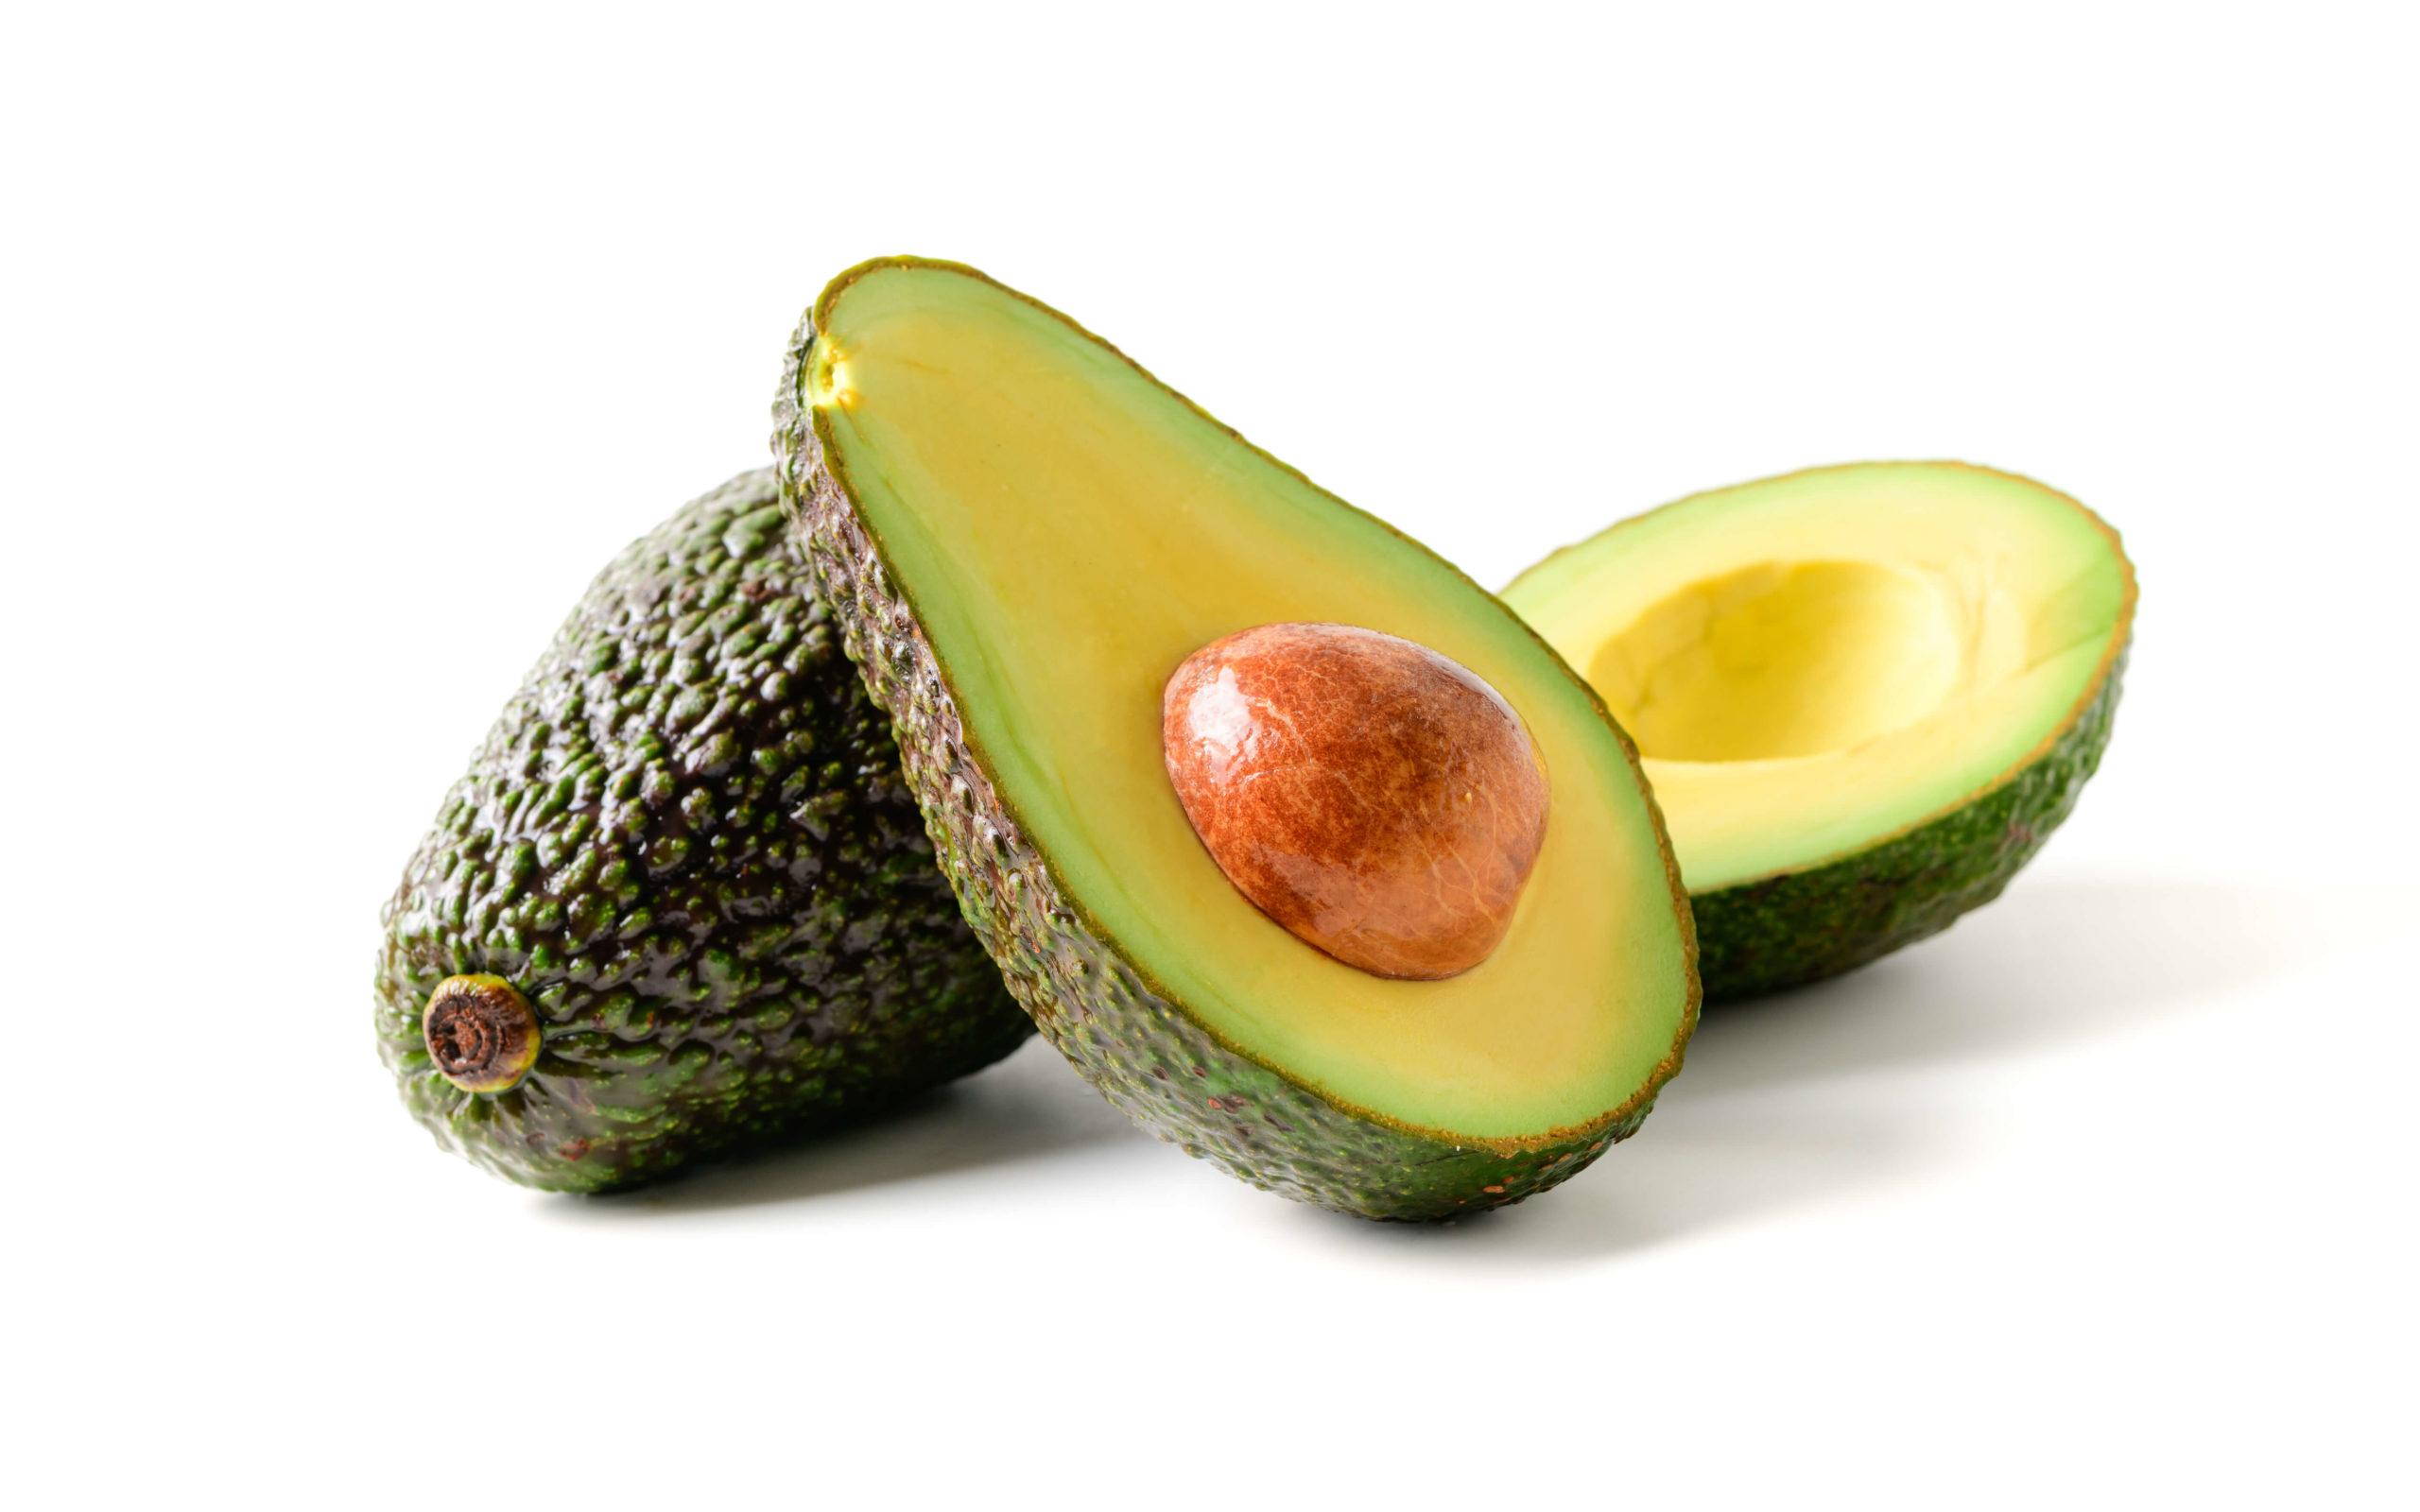 Свежий авокадо. ломтики авокадо, изолированные на белом